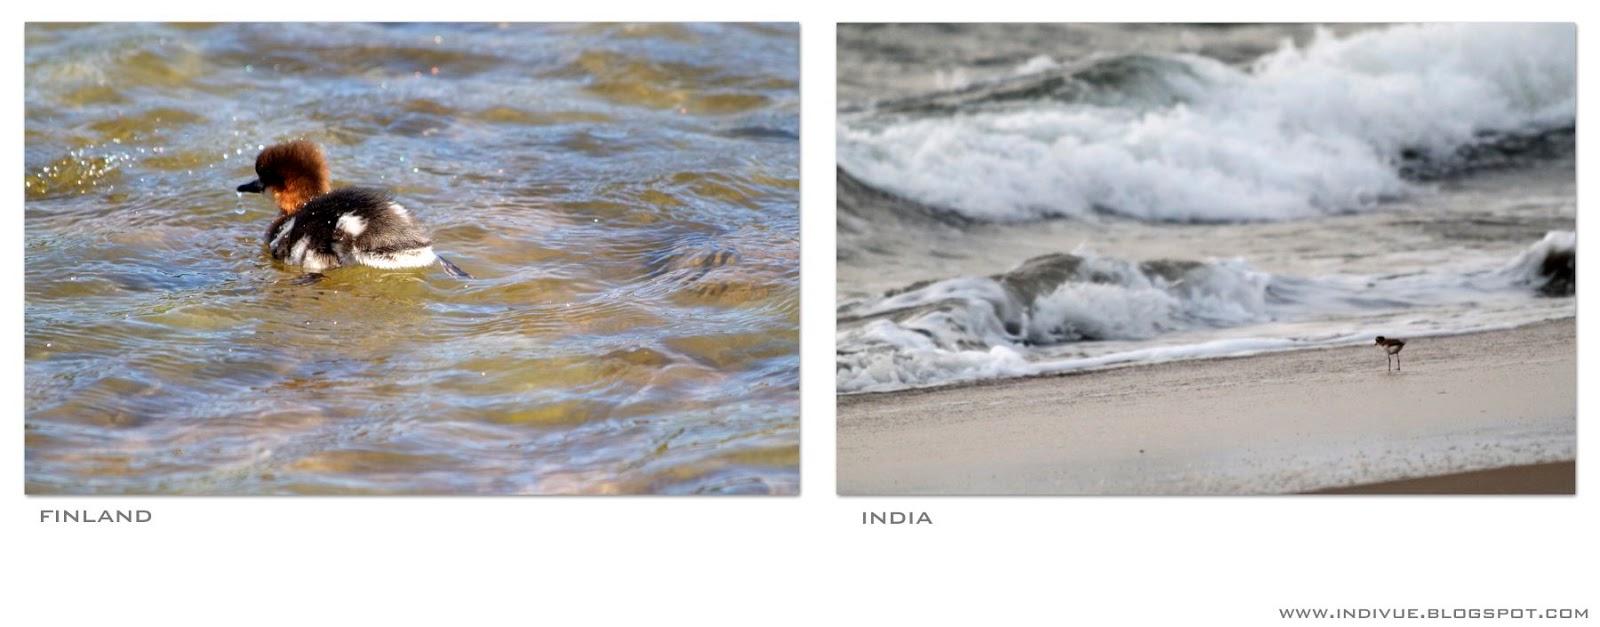 Suomalainen linnunpoikanen ja intialainen linnunpoikanen